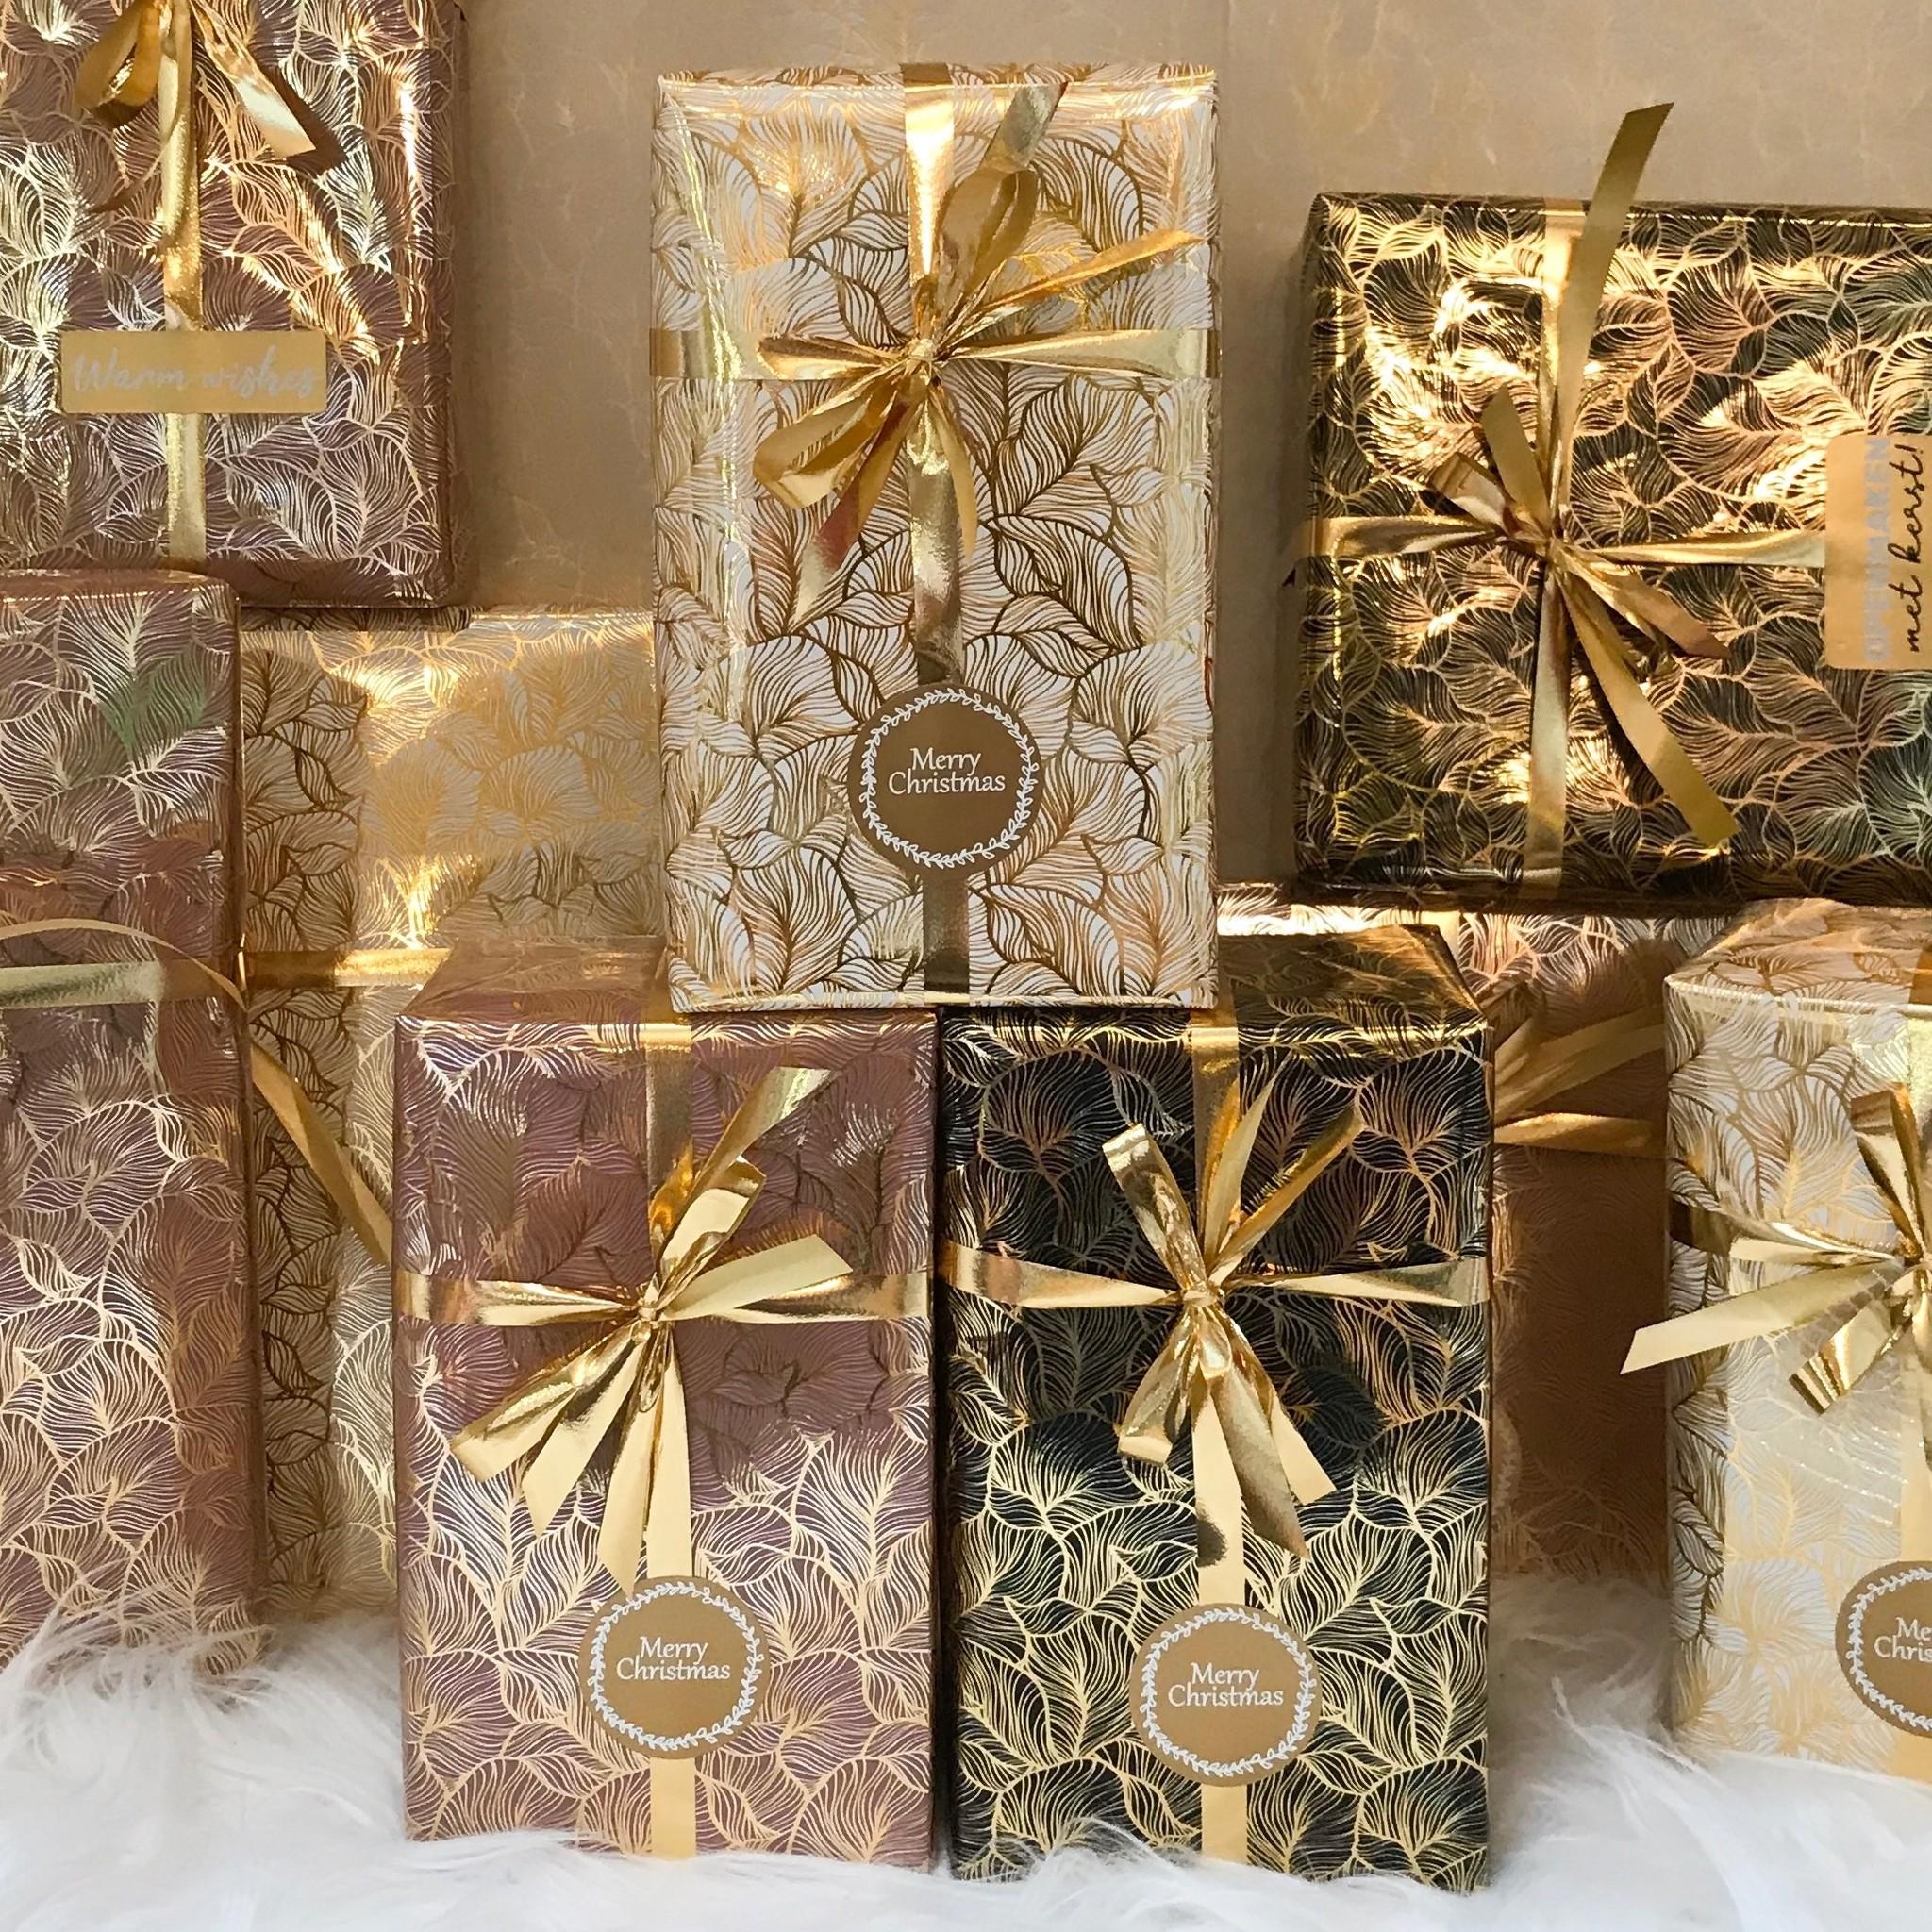 Hét Kerst Cadeaupapier 2019! (Opgelet, door drukte neemt inpakken een dag langer in beslag.)